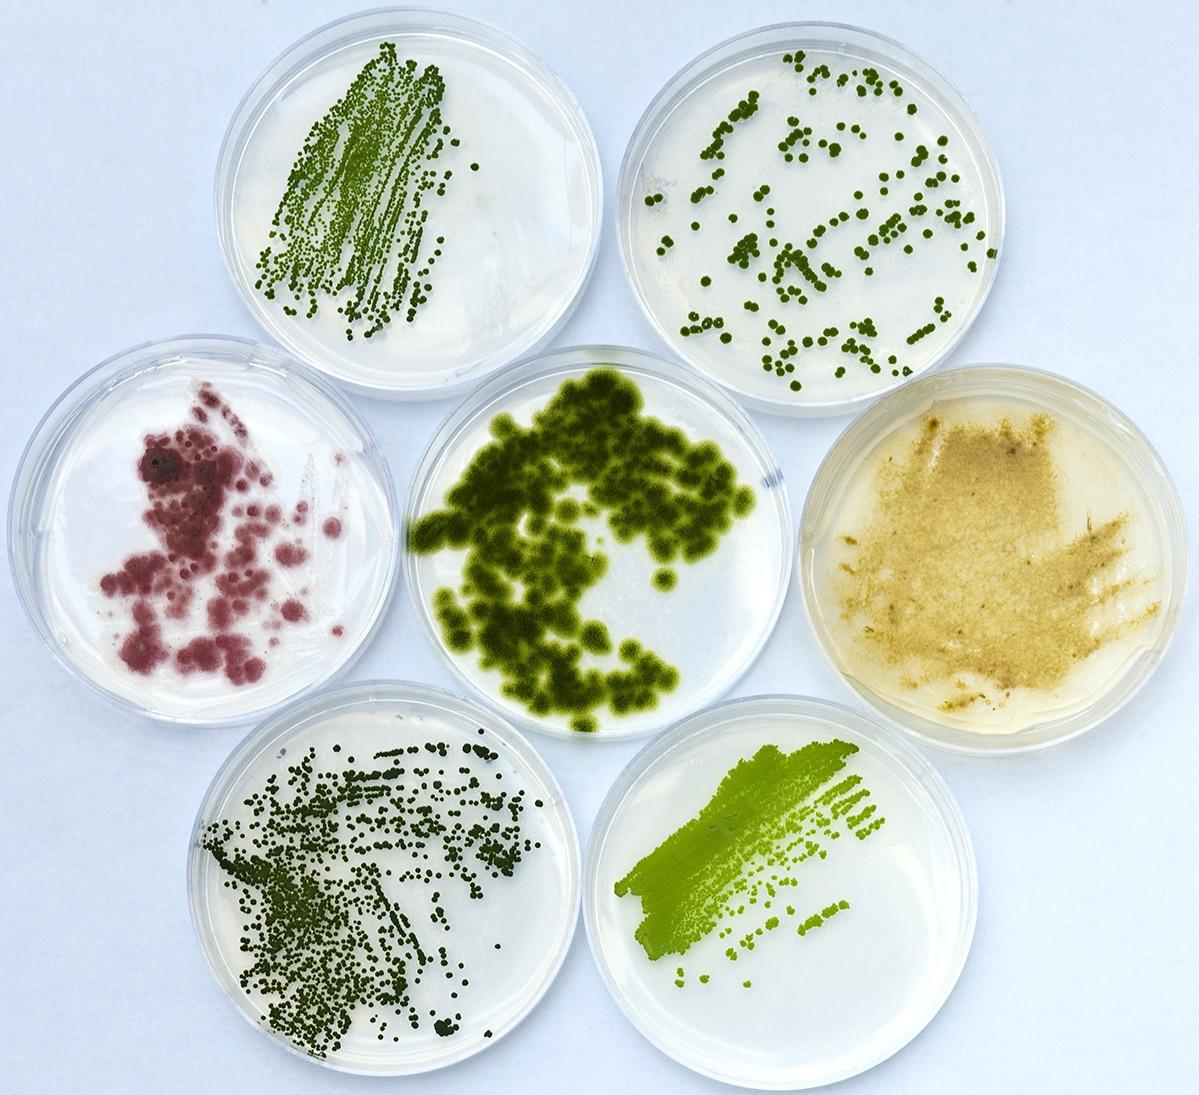 DSC-TW0719 03 algae cultures